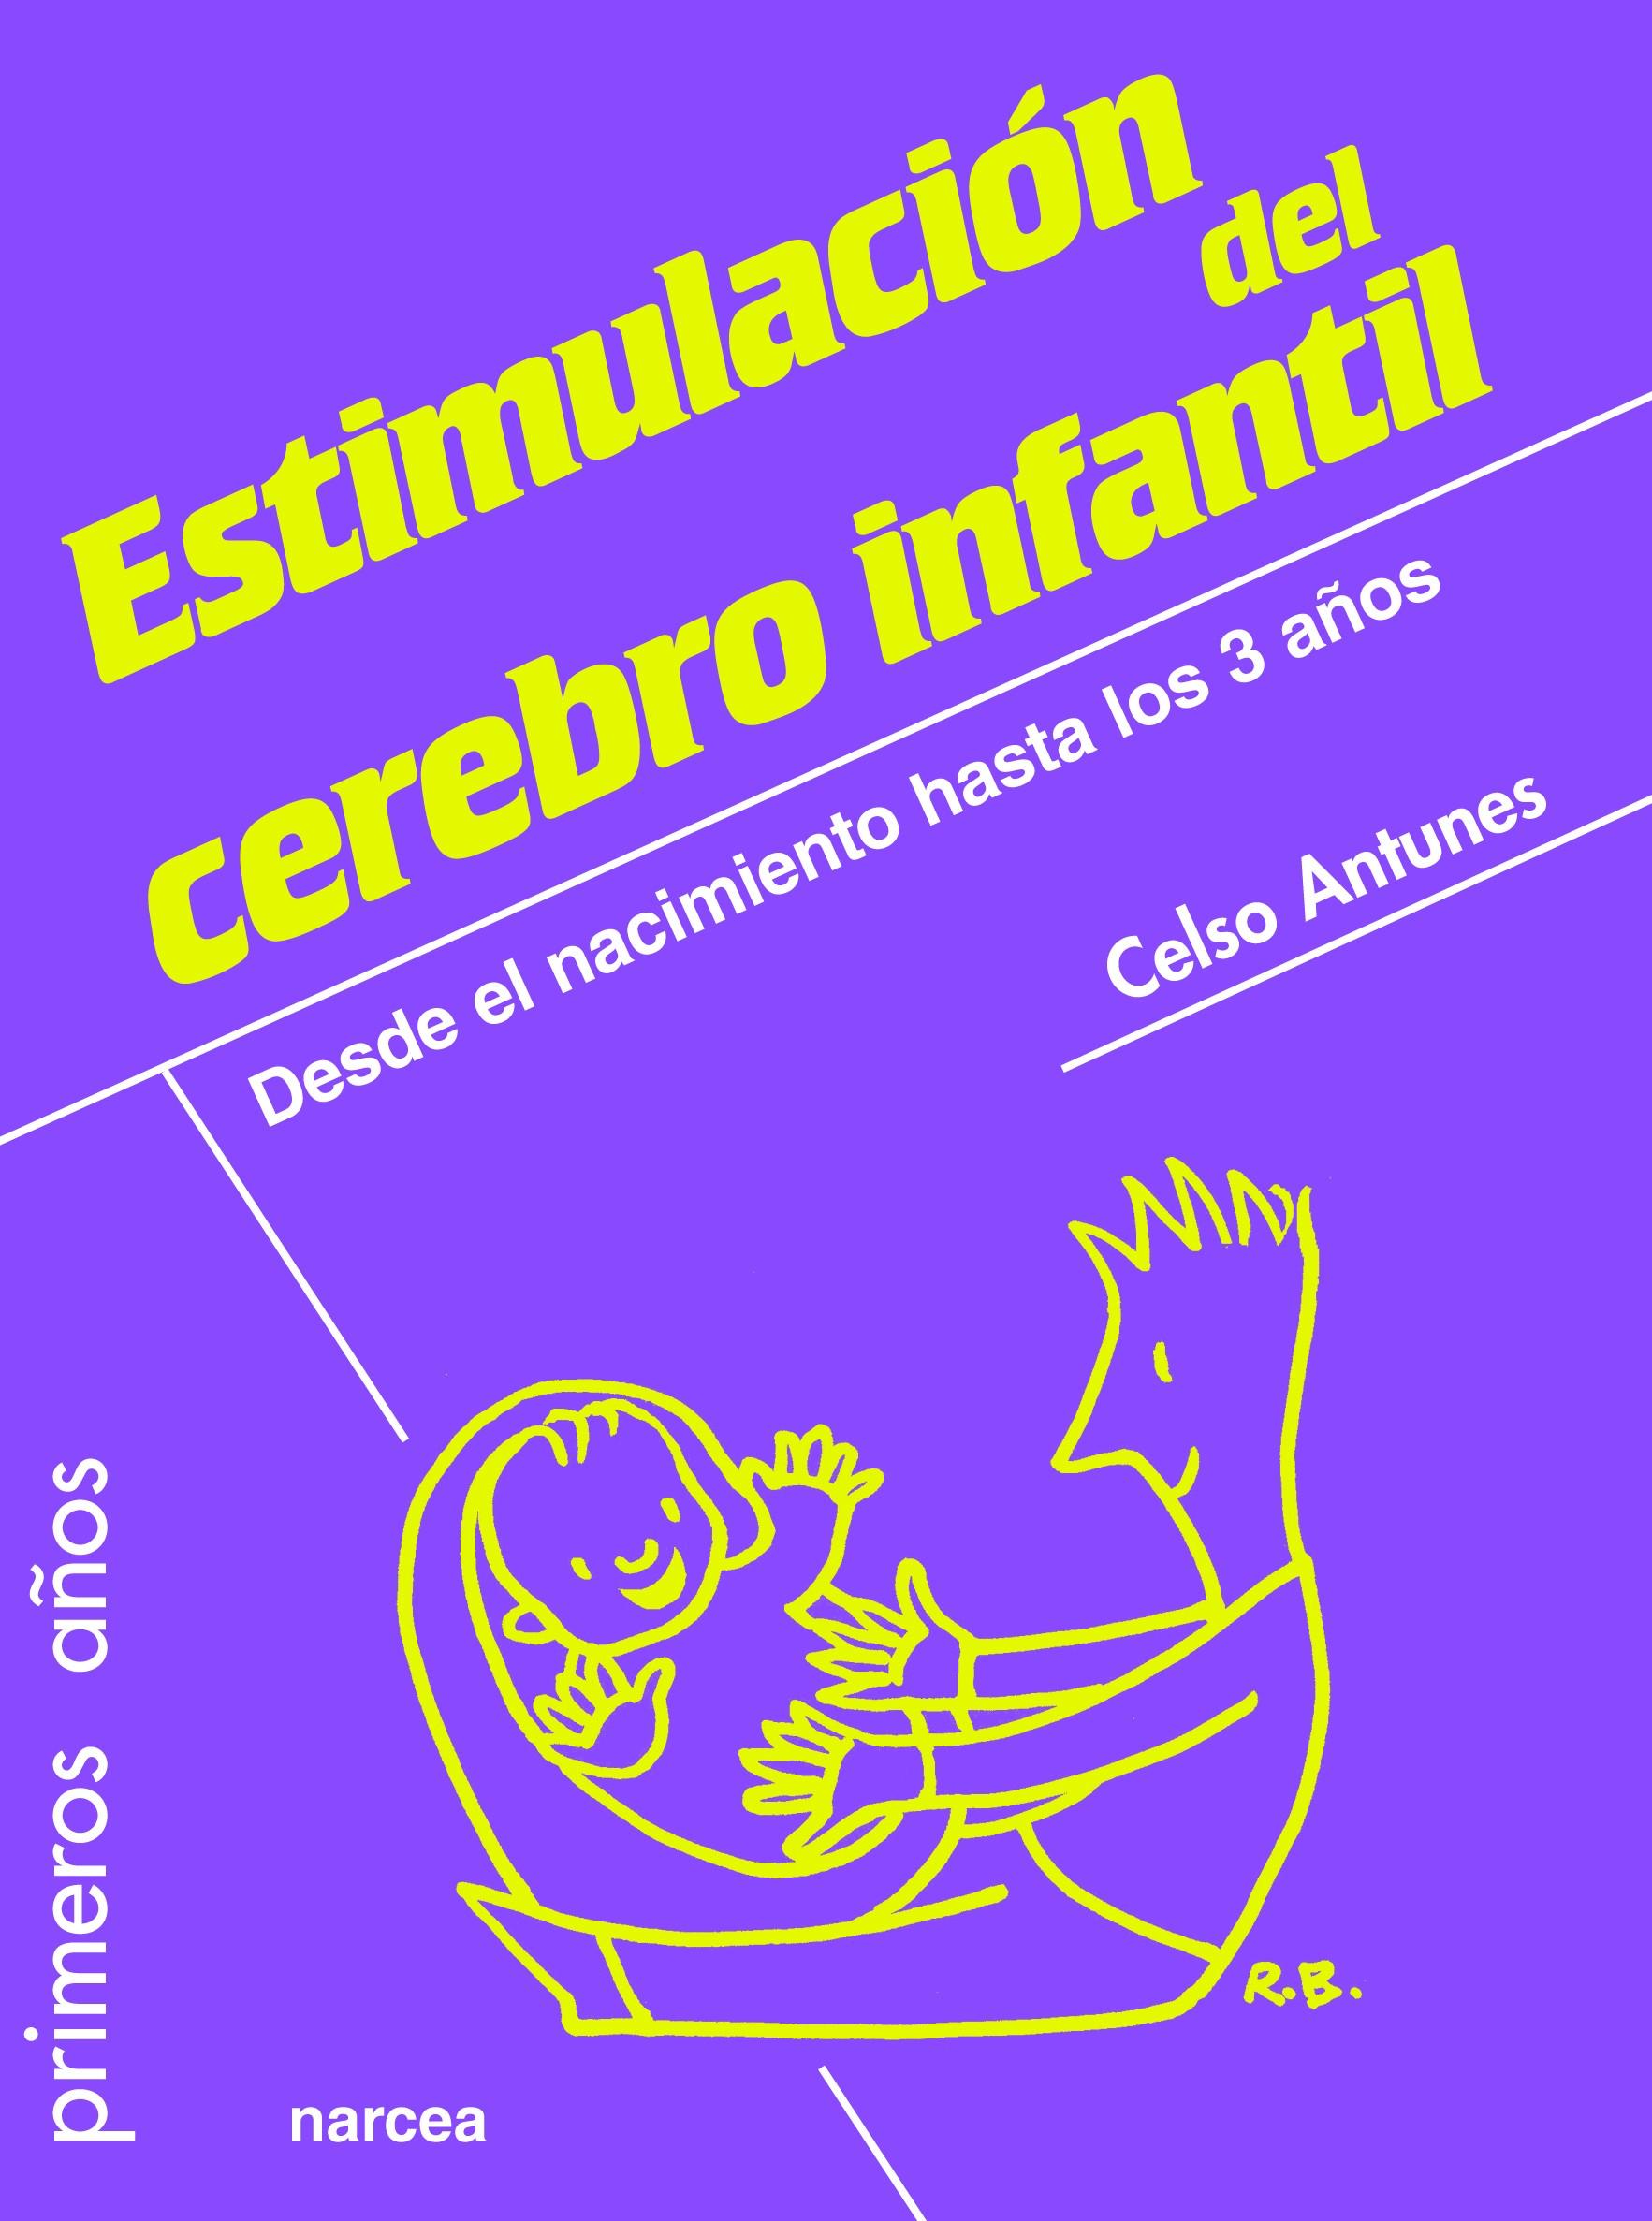 Estimulación del cerebro infantil